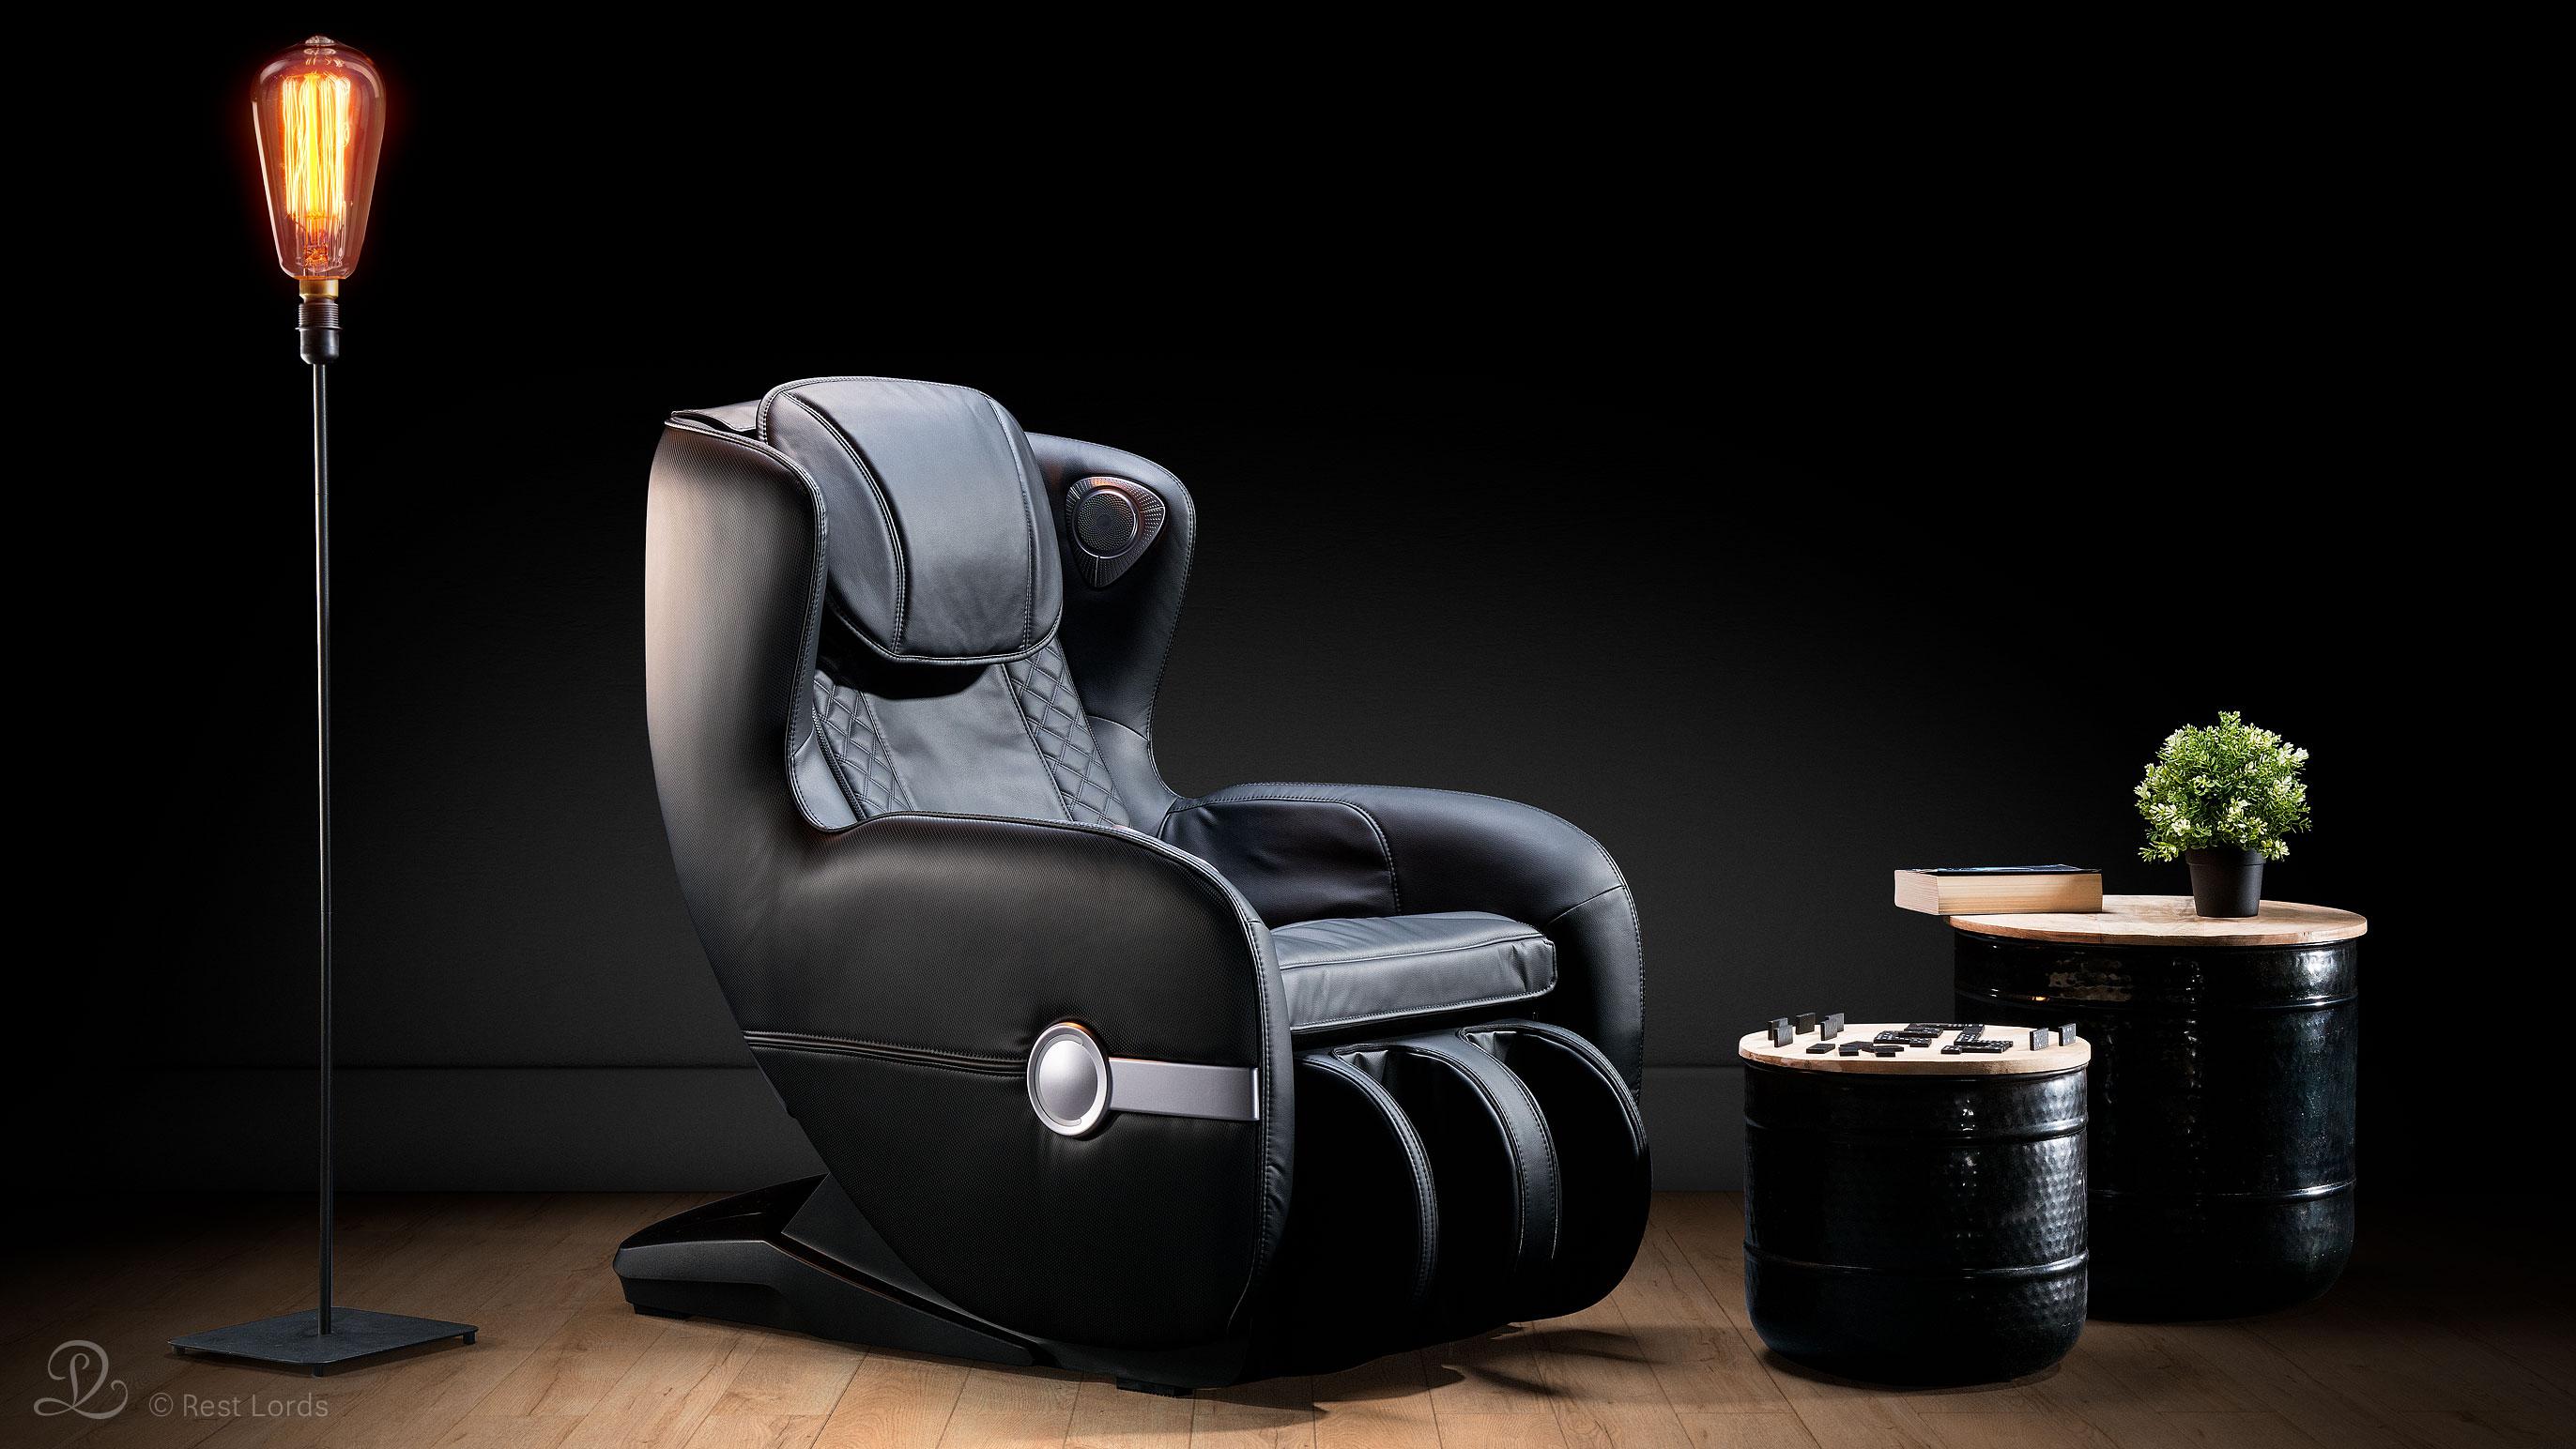 Fotel z masażem Massaggio Bello 2 aranżacja